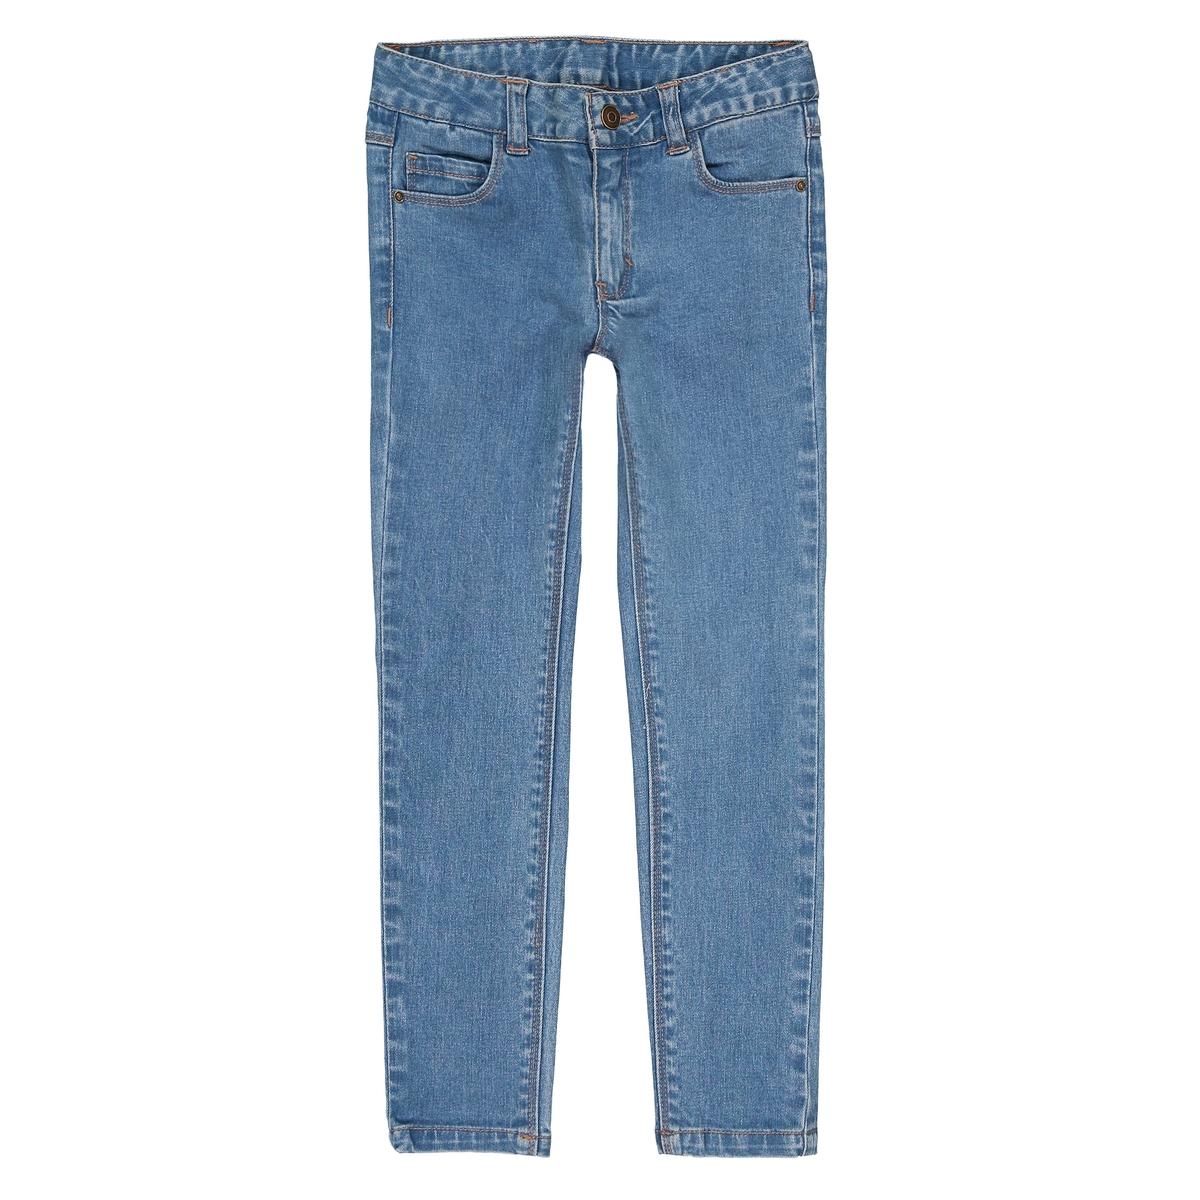 Джинсы скинни облегающие для девочек, 3-12 лет джинсы boyfit 3 12 лет